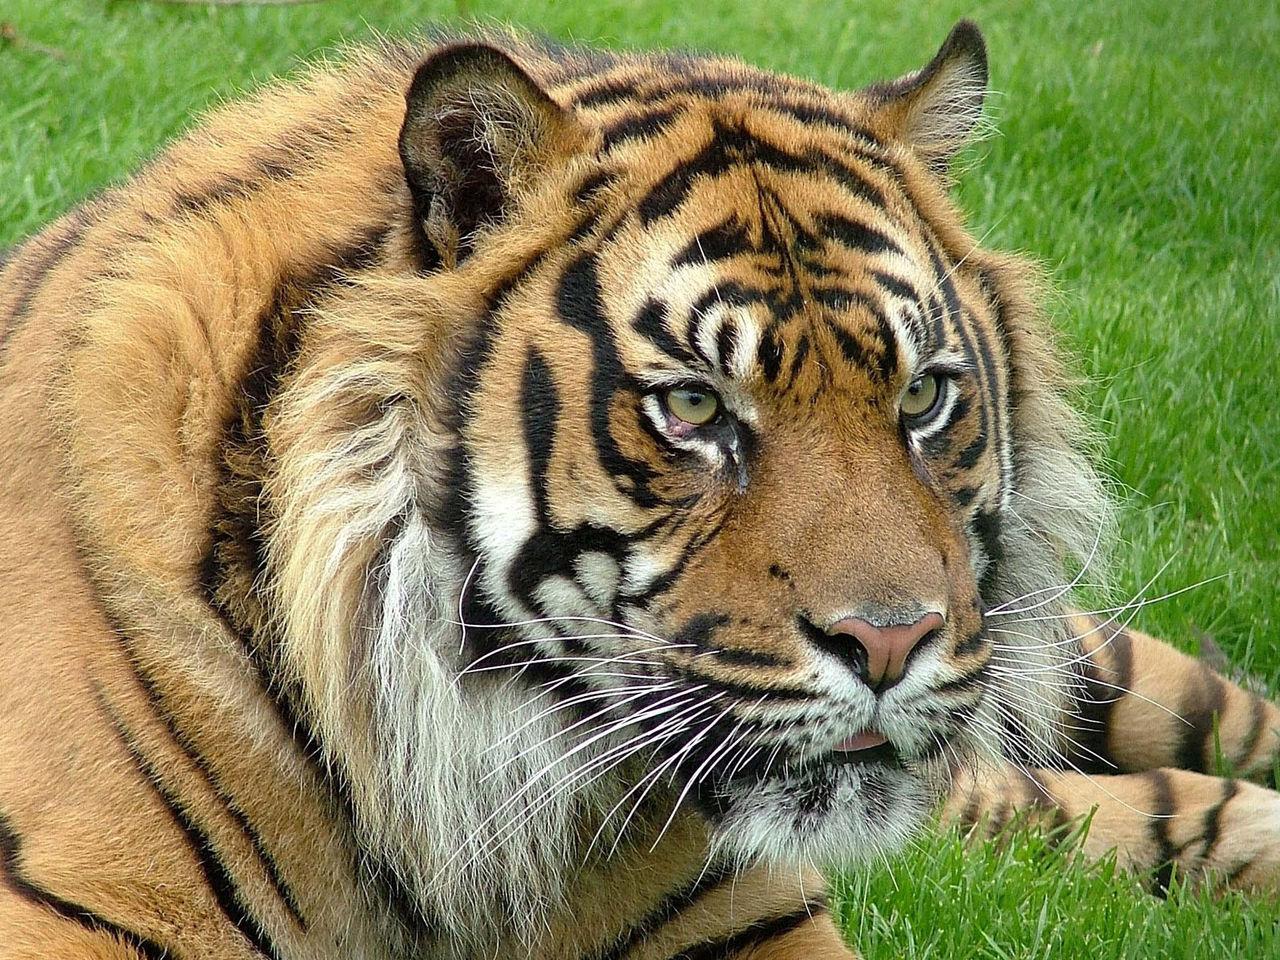 做梦梦到老虎和狮子_小老虎为什么见到狮子会难过?小兔子想出了一个什么好